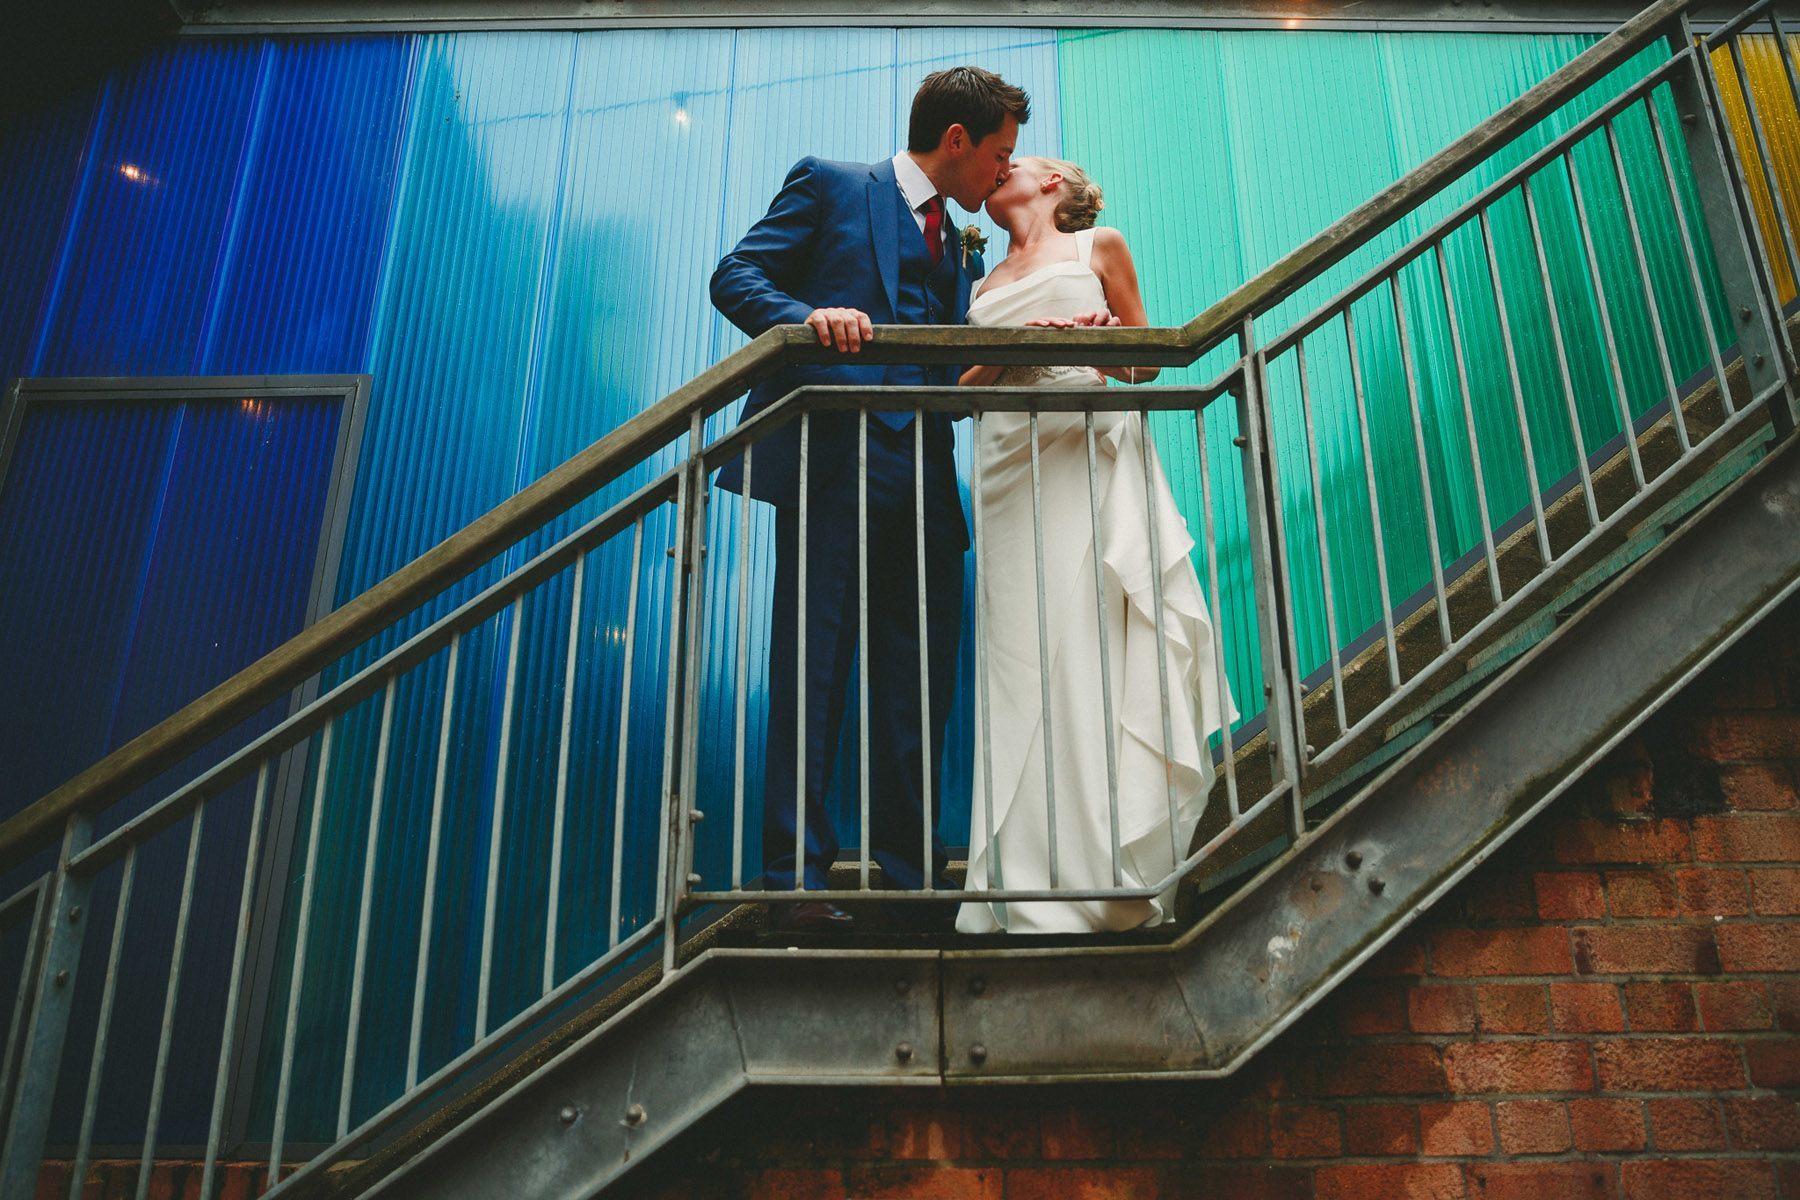 wedding photos at paintworks in bristol